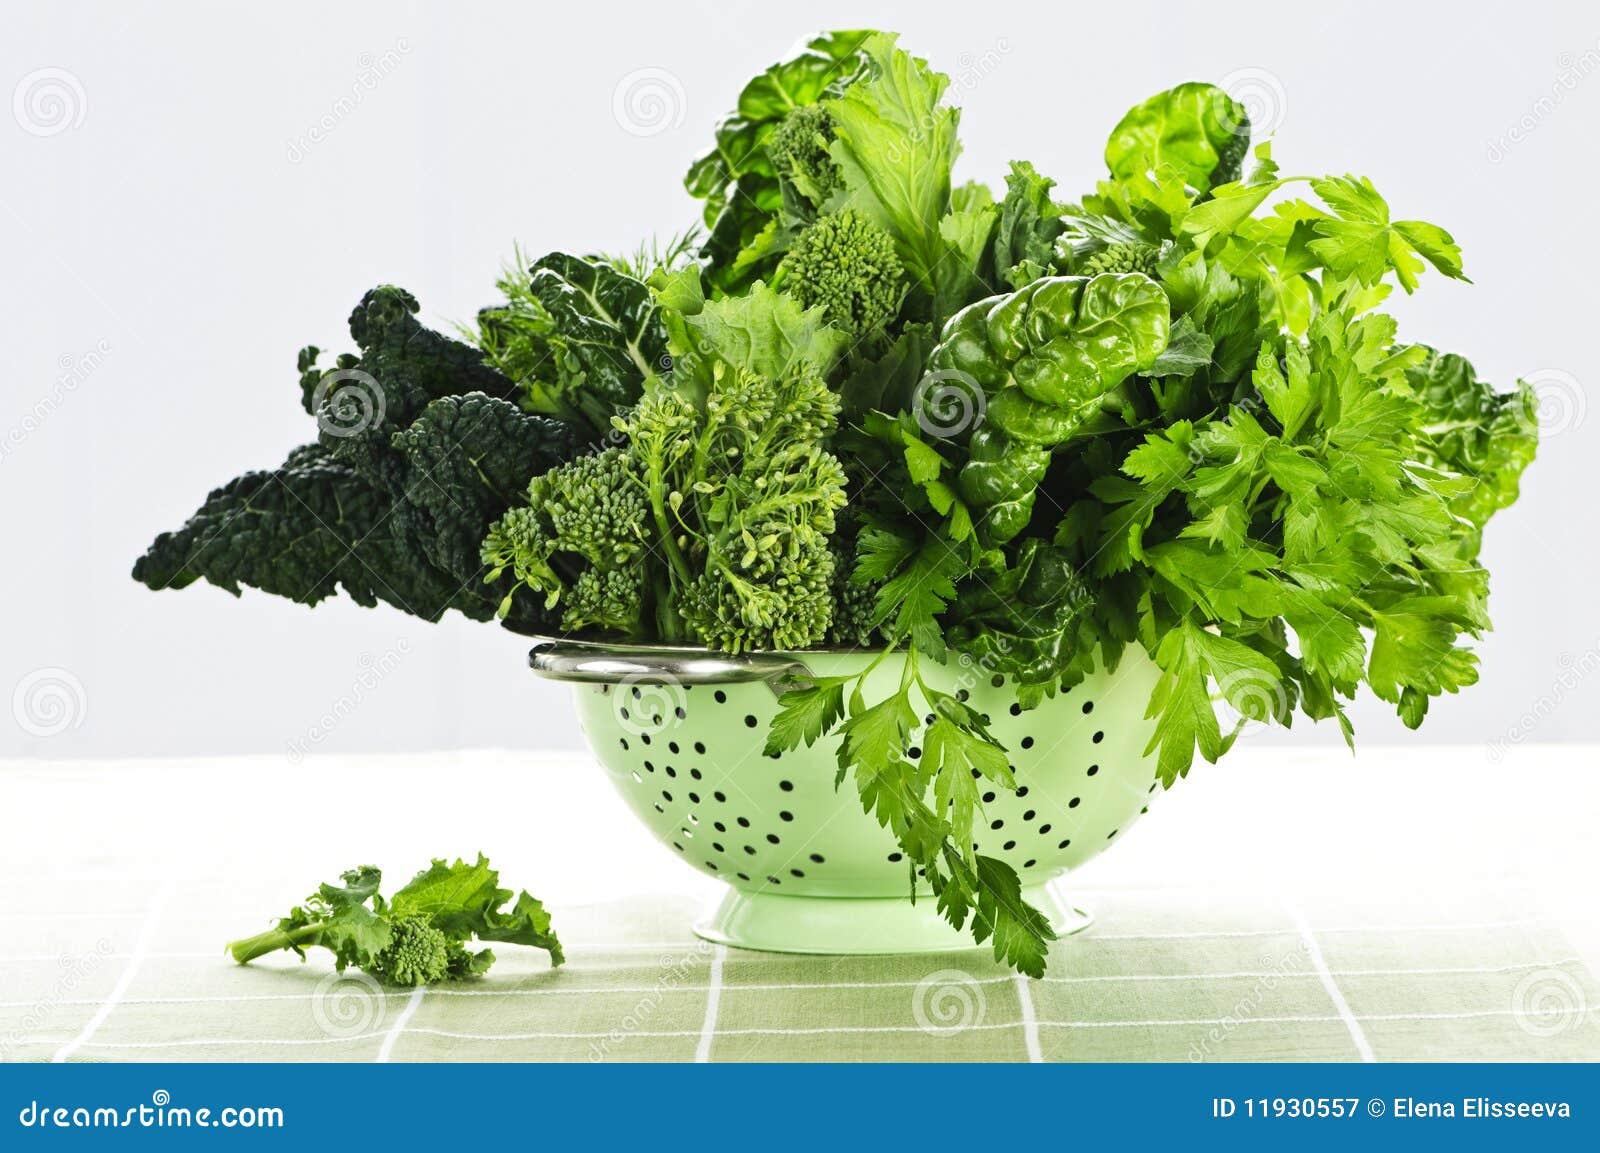 Escuro - legumes verdes no colander